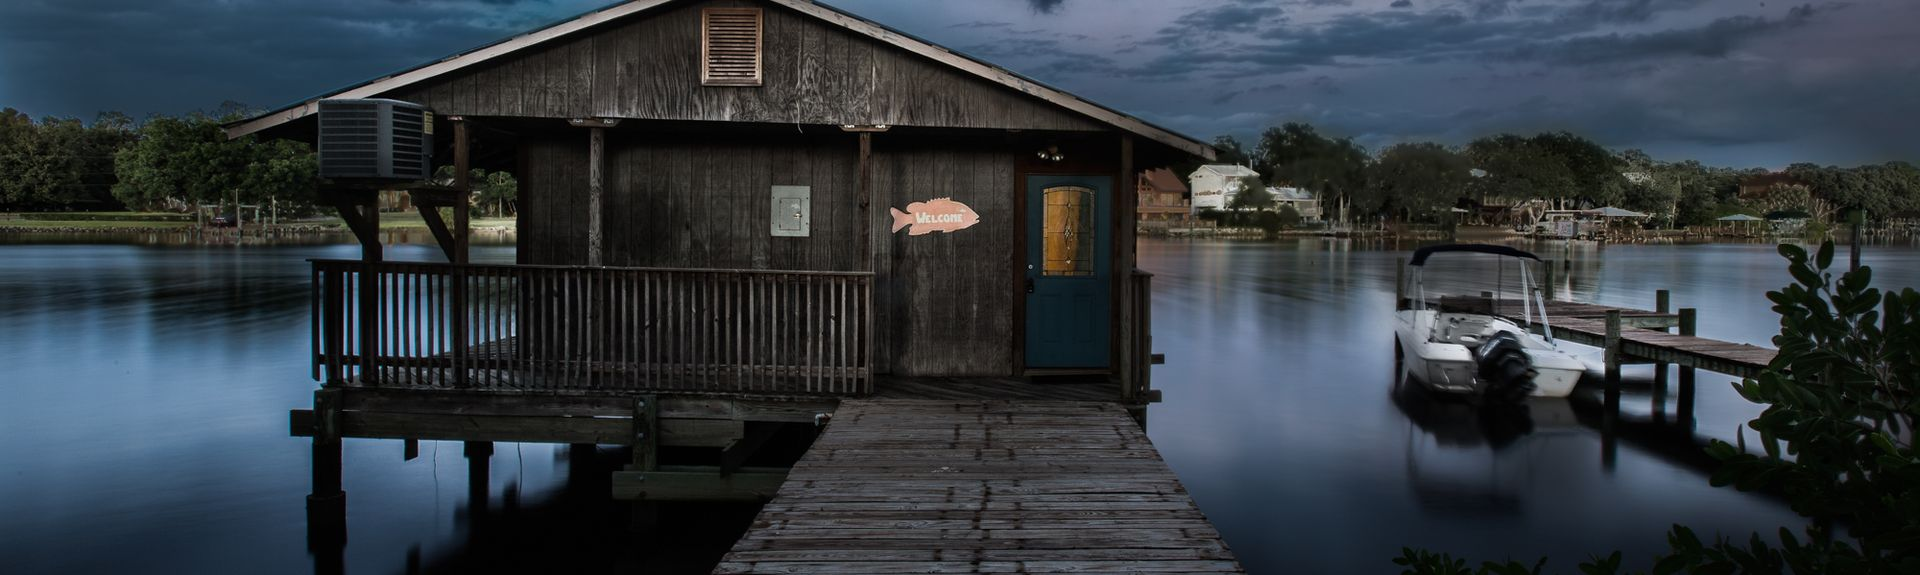 Gibsonton, Floride, États-Unis d'Amérique